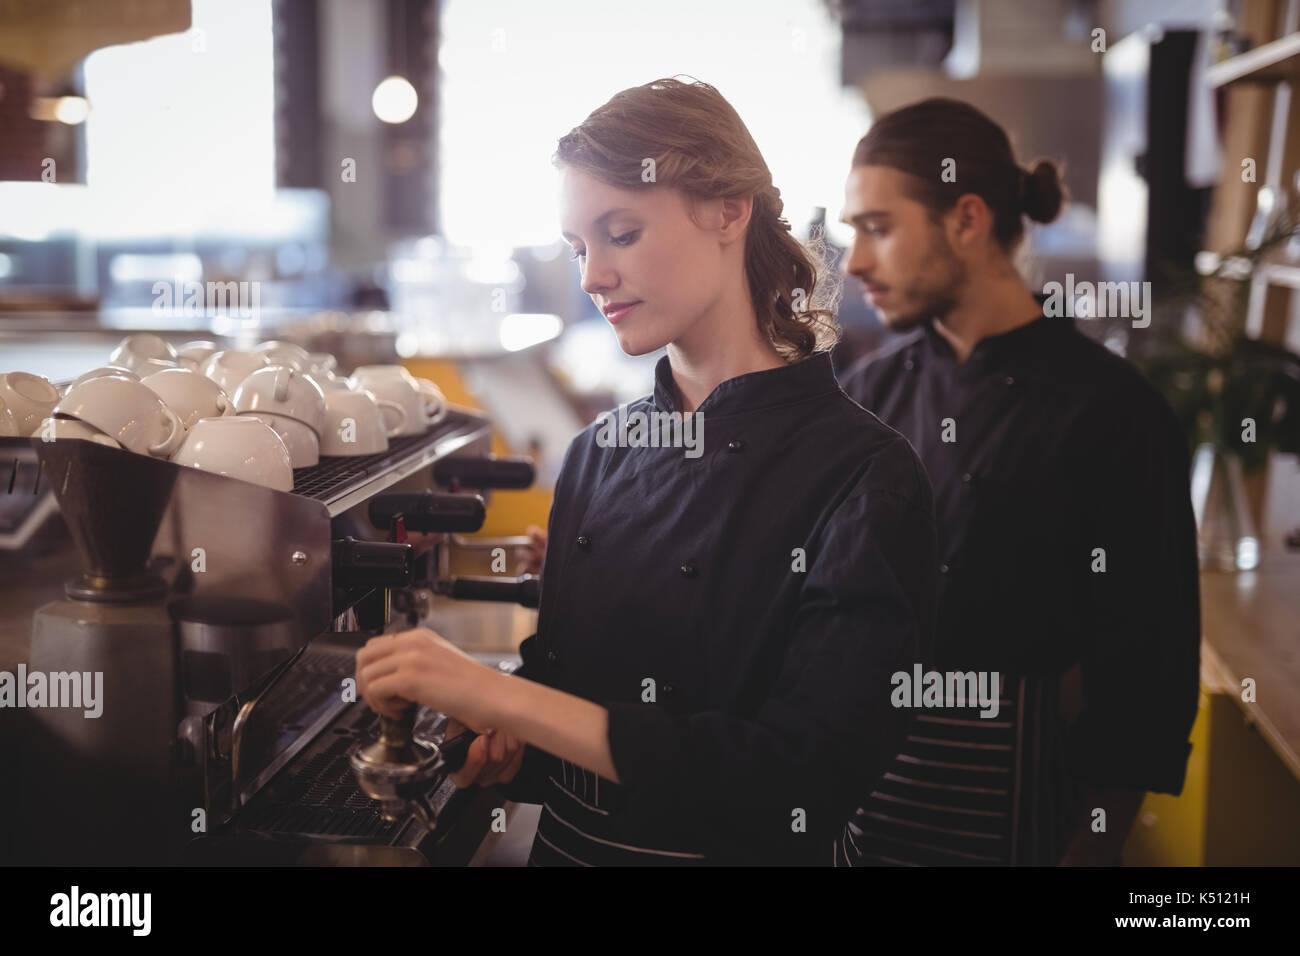 Les jeunes à l'aide du personnel d'attente machine à expresso debout dans coffee shop Photo Stock